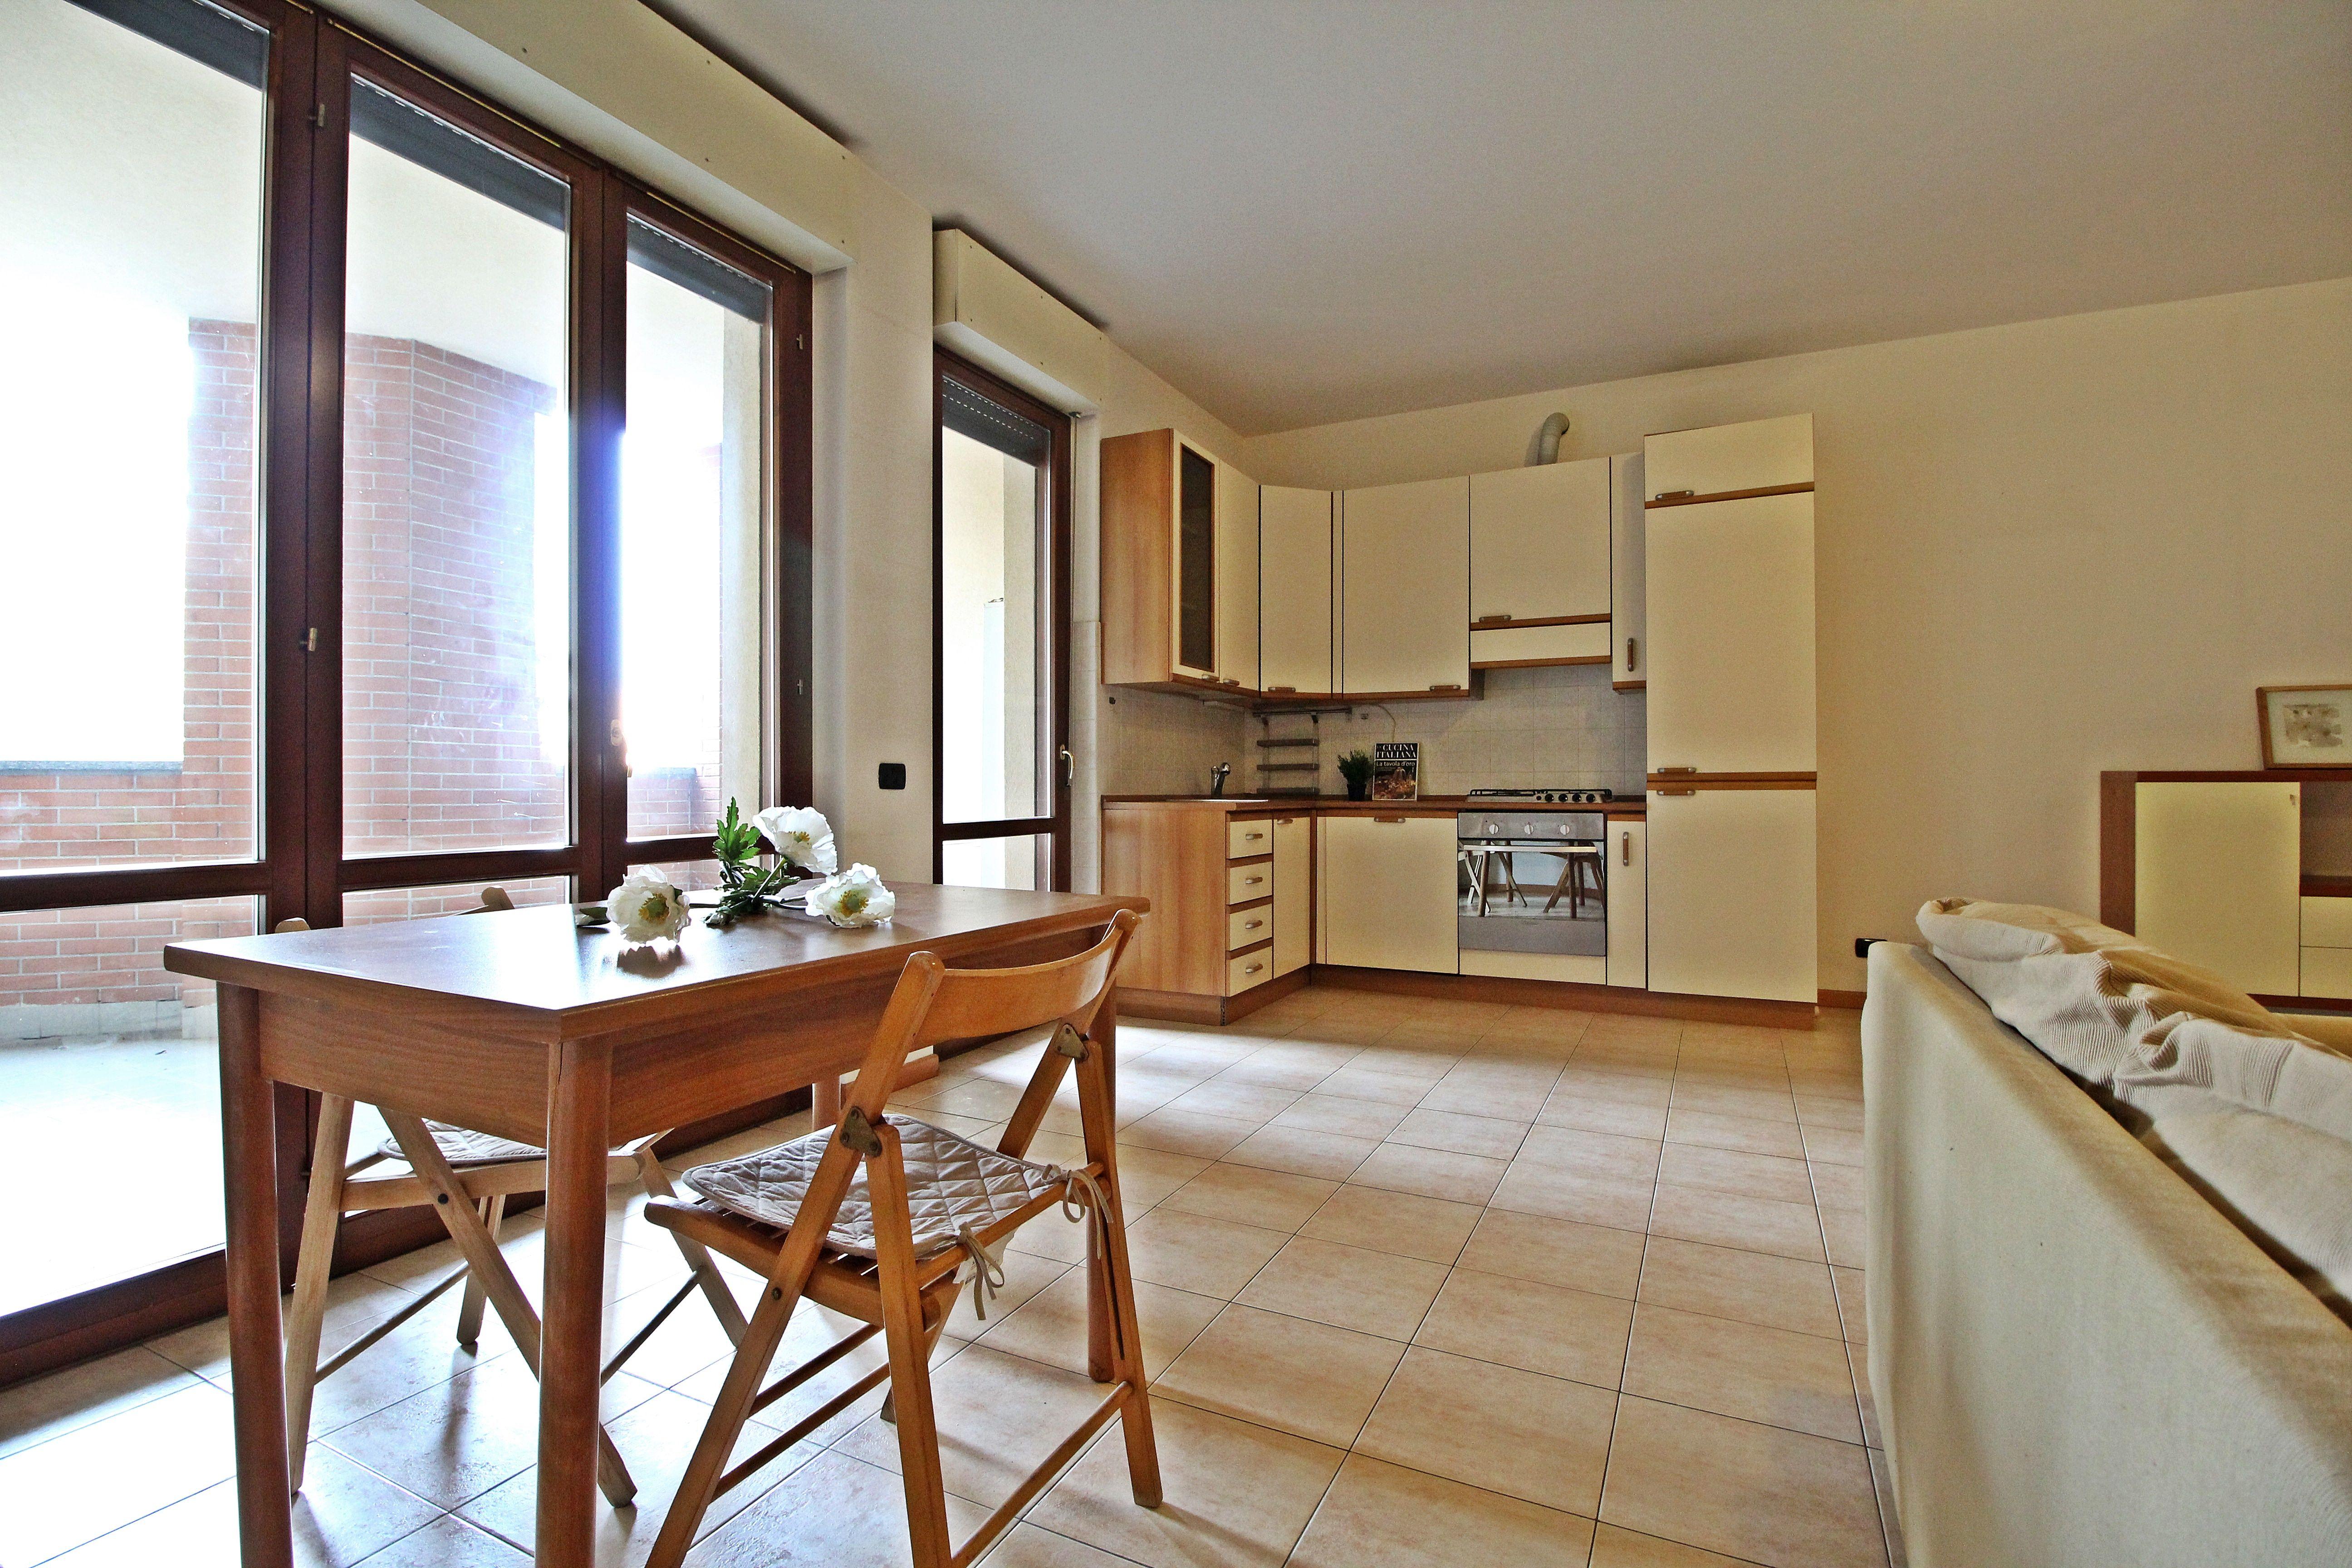 Sulbiate appartamento in vendita 2 locali terrazzo cantina